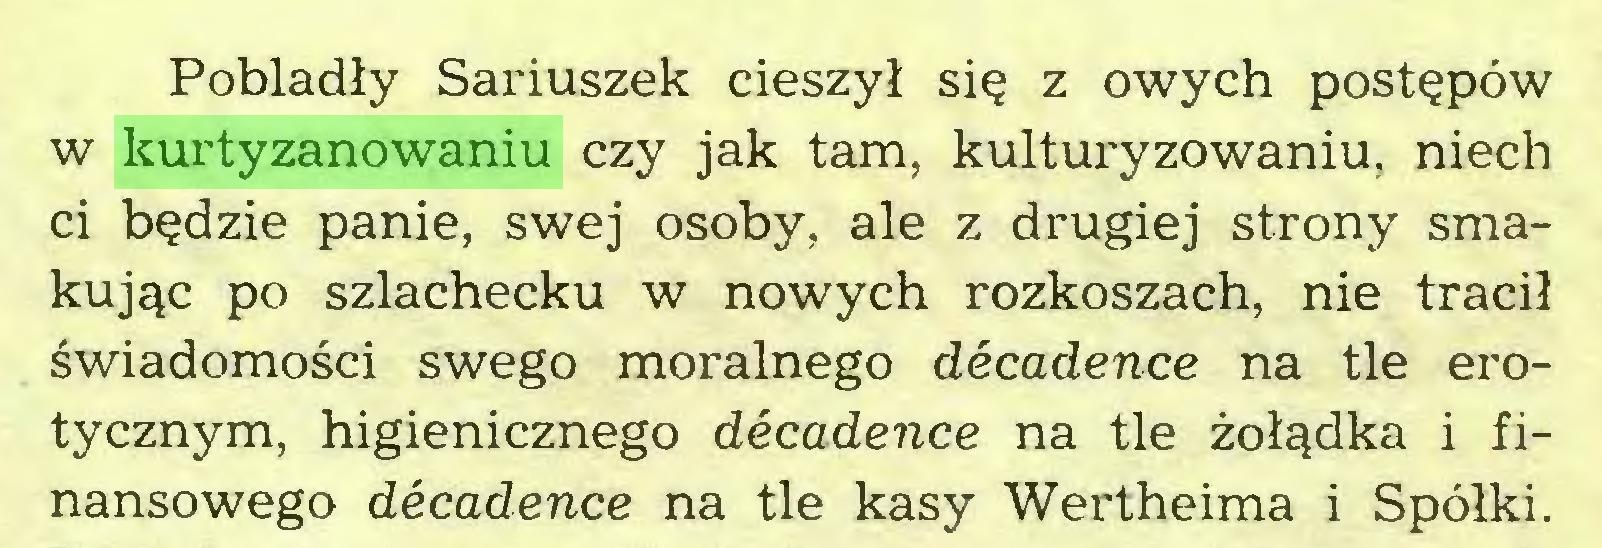 (...) Pobladły Sariuszek cieszył się z owych postępów w kurtyzanowaniu czy jak tam, kulturyzowaniu, niech ci będzie panie, swej osoby, ale z drugiej strony smakując po szlachecku w nowych rozkoszach, nie tracił świadomości swego moralnego décadence na tle erotycznym, higienicznego décadence na tle żołądka i finansowego décadence na tle kasy Wertheima i Spółki...